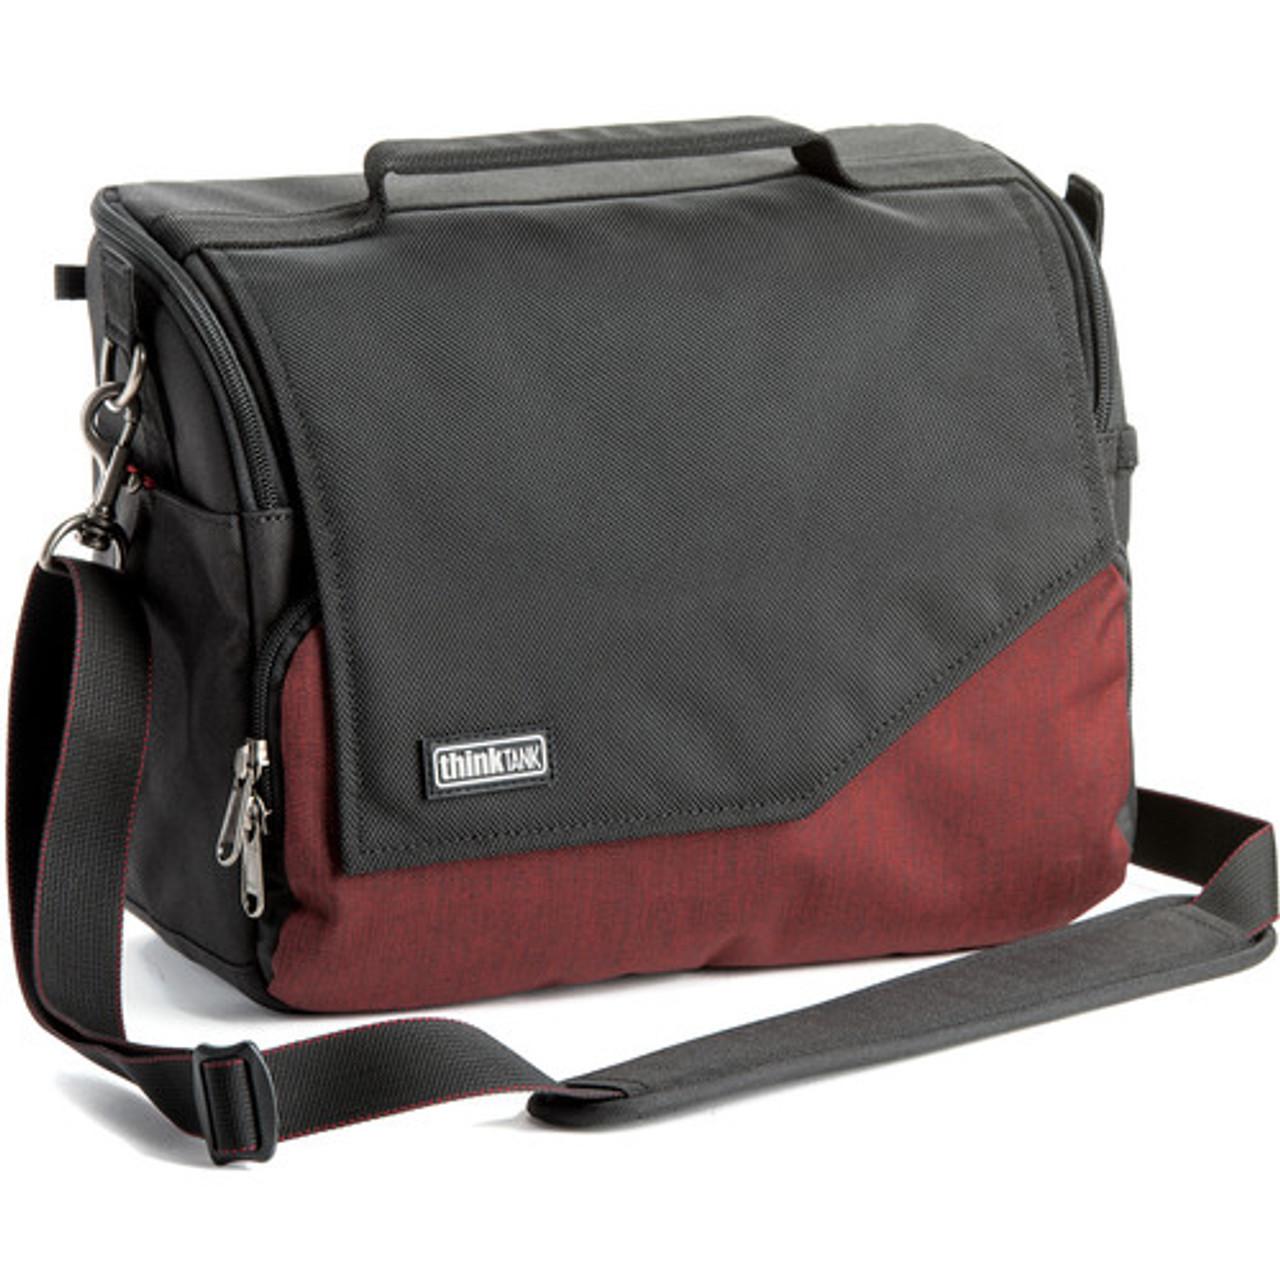 Think Tank Photo Mirrorless Mover 30i Camera Bag (Red)